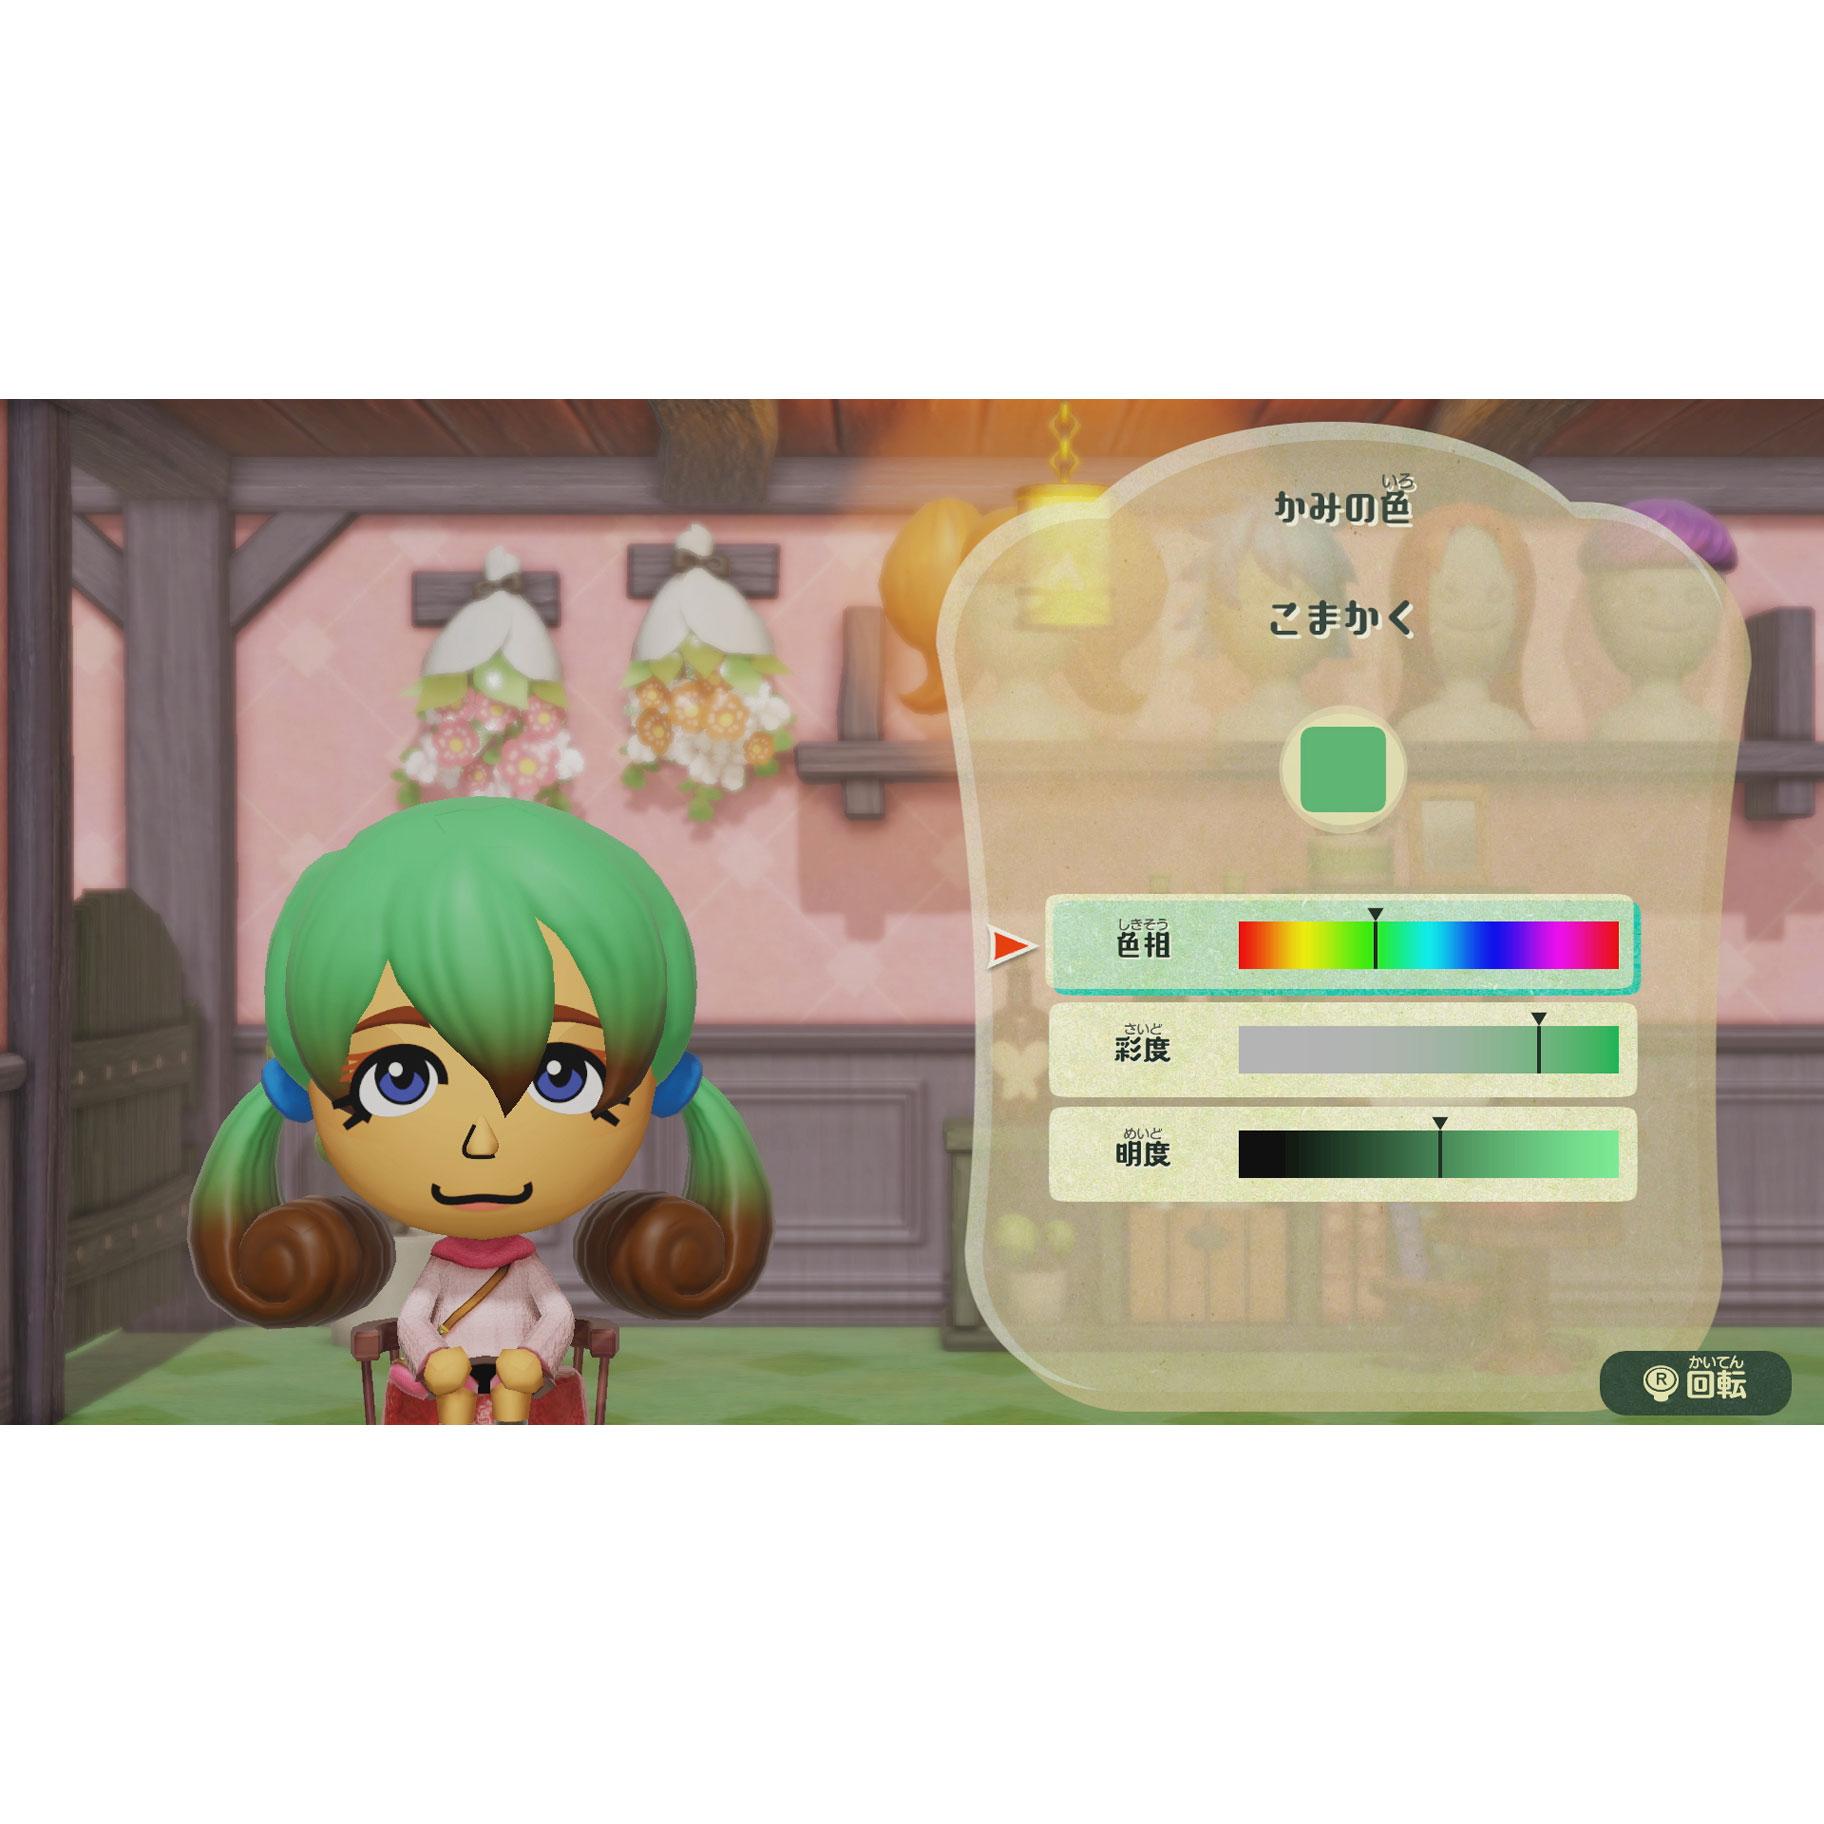 ミートピア 【Switchゲームソフト】_9